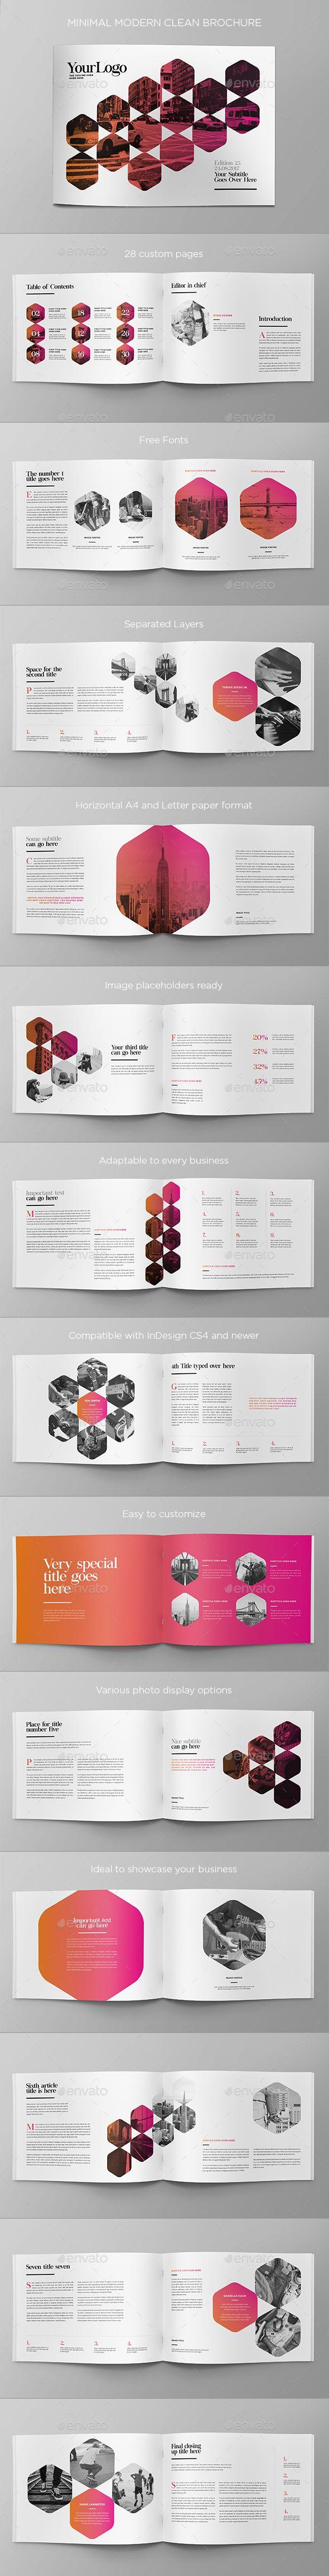 Minimal Modern Clean Brochure | Diseño editorial, Editorial y Revistas